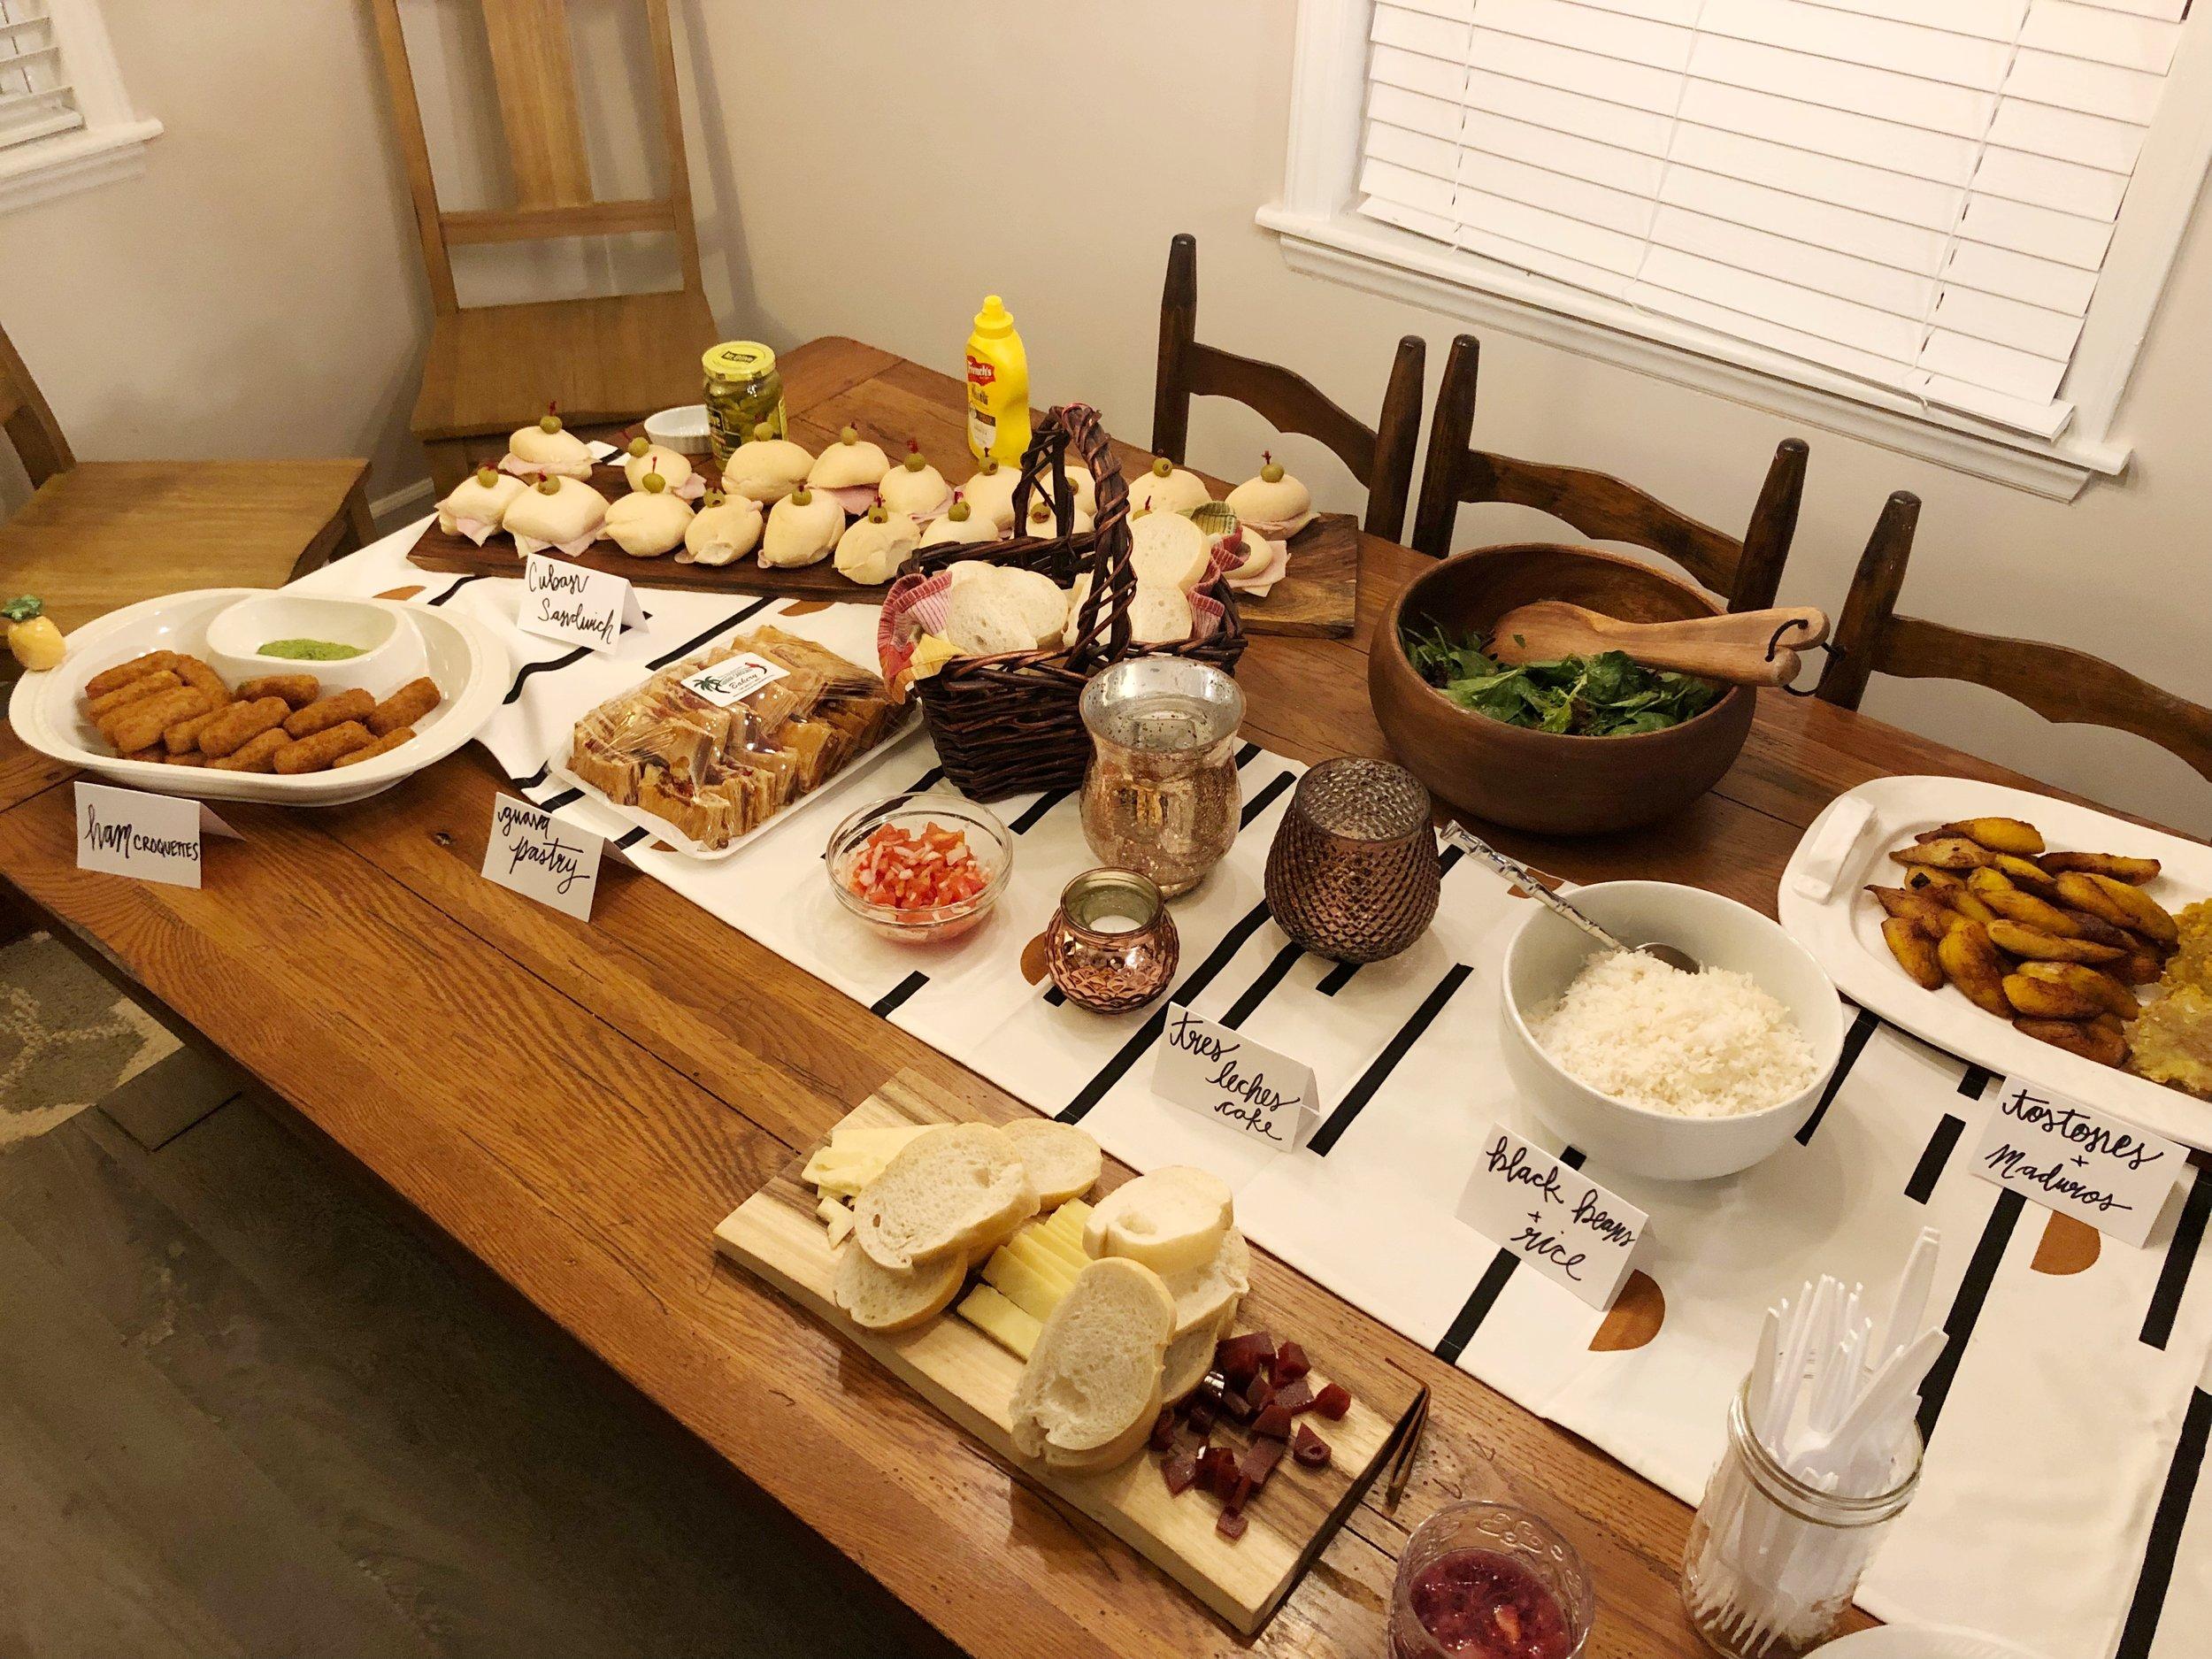 cuban-birthday-dinner-spread